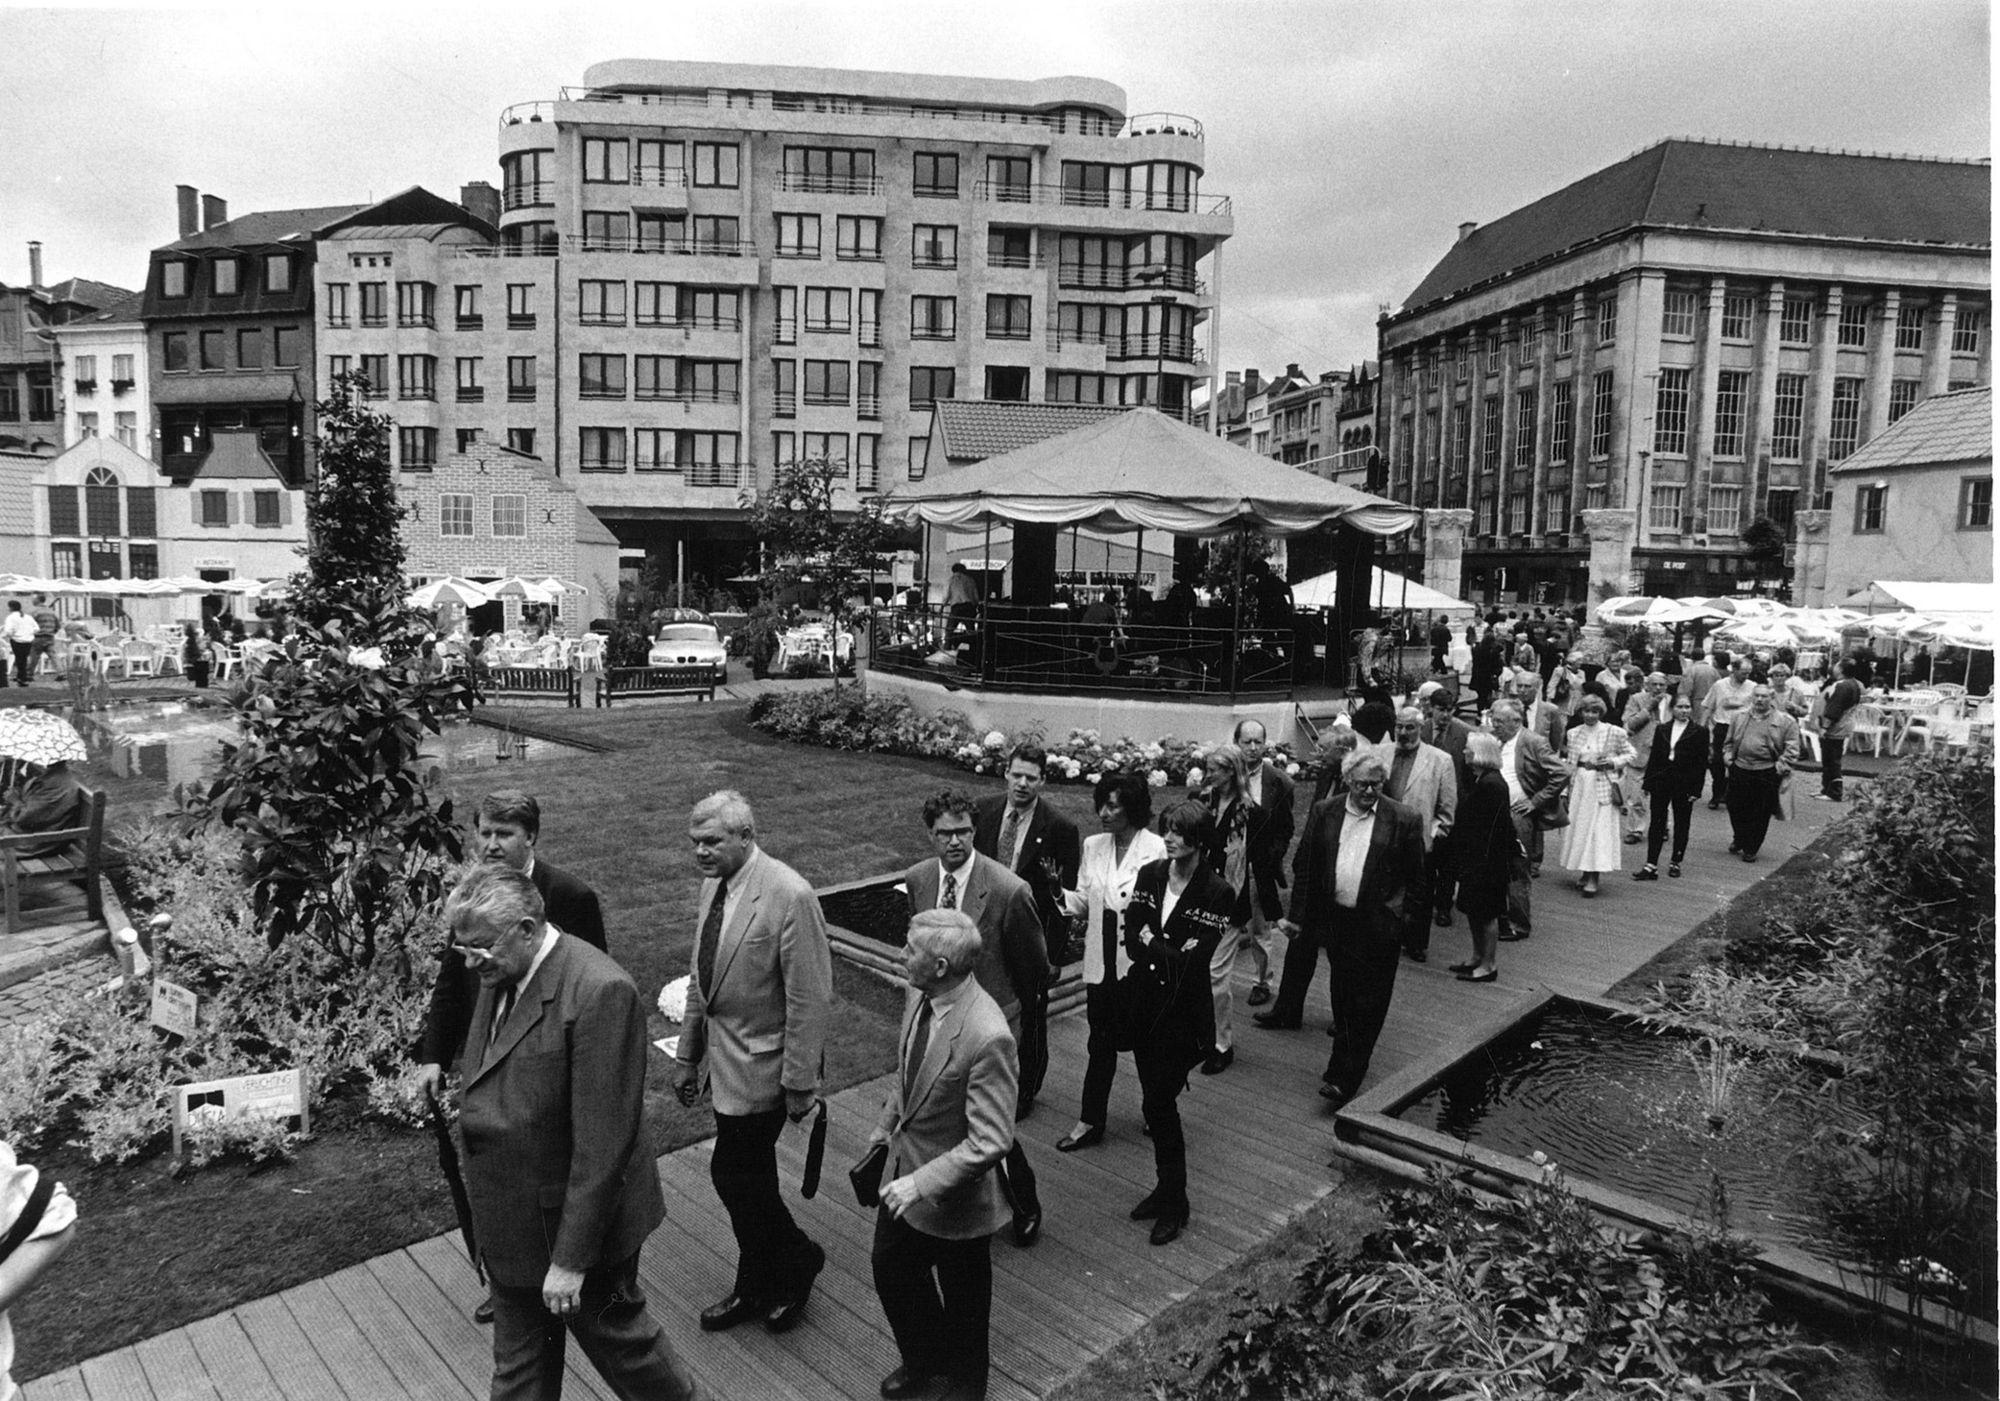 Feestdorp op de Grote Markt tijdens de 11-juli feesten in 1996